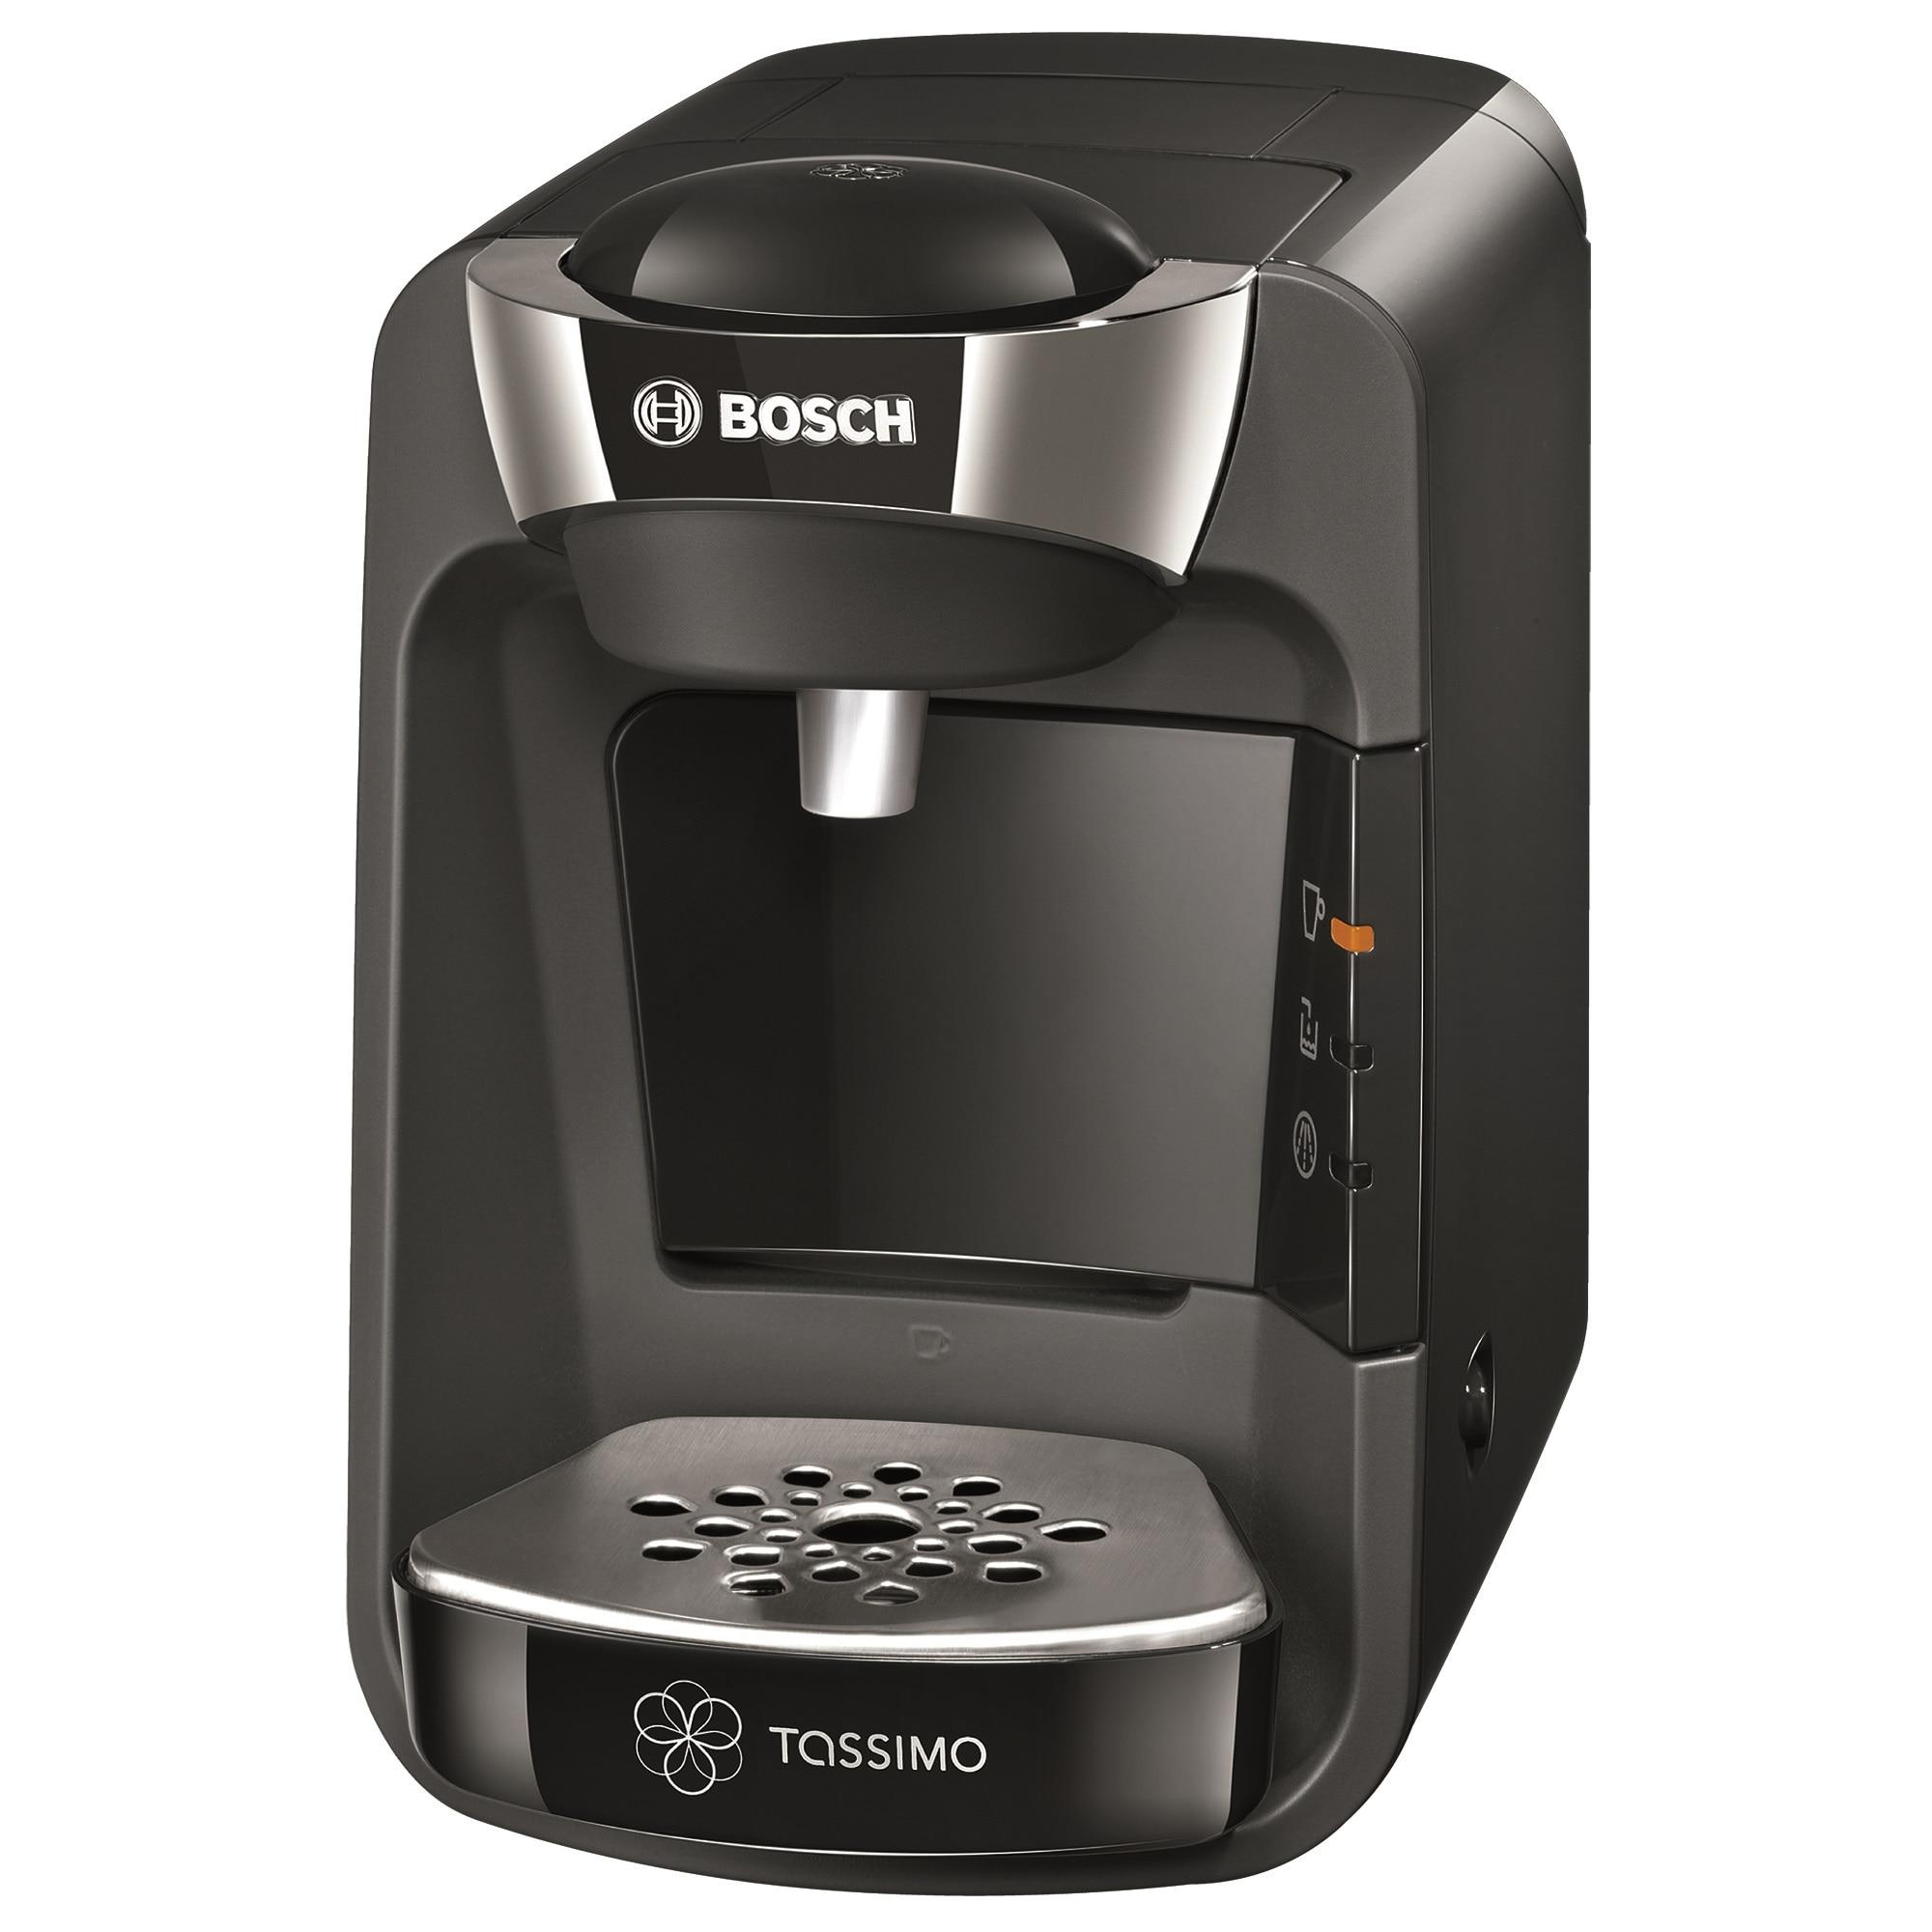 Fotografie Espressor Bosch Tassimo Suny TAS 3202, 1300 W, 3.3 bar, 0.8 l, Capsule, Negru